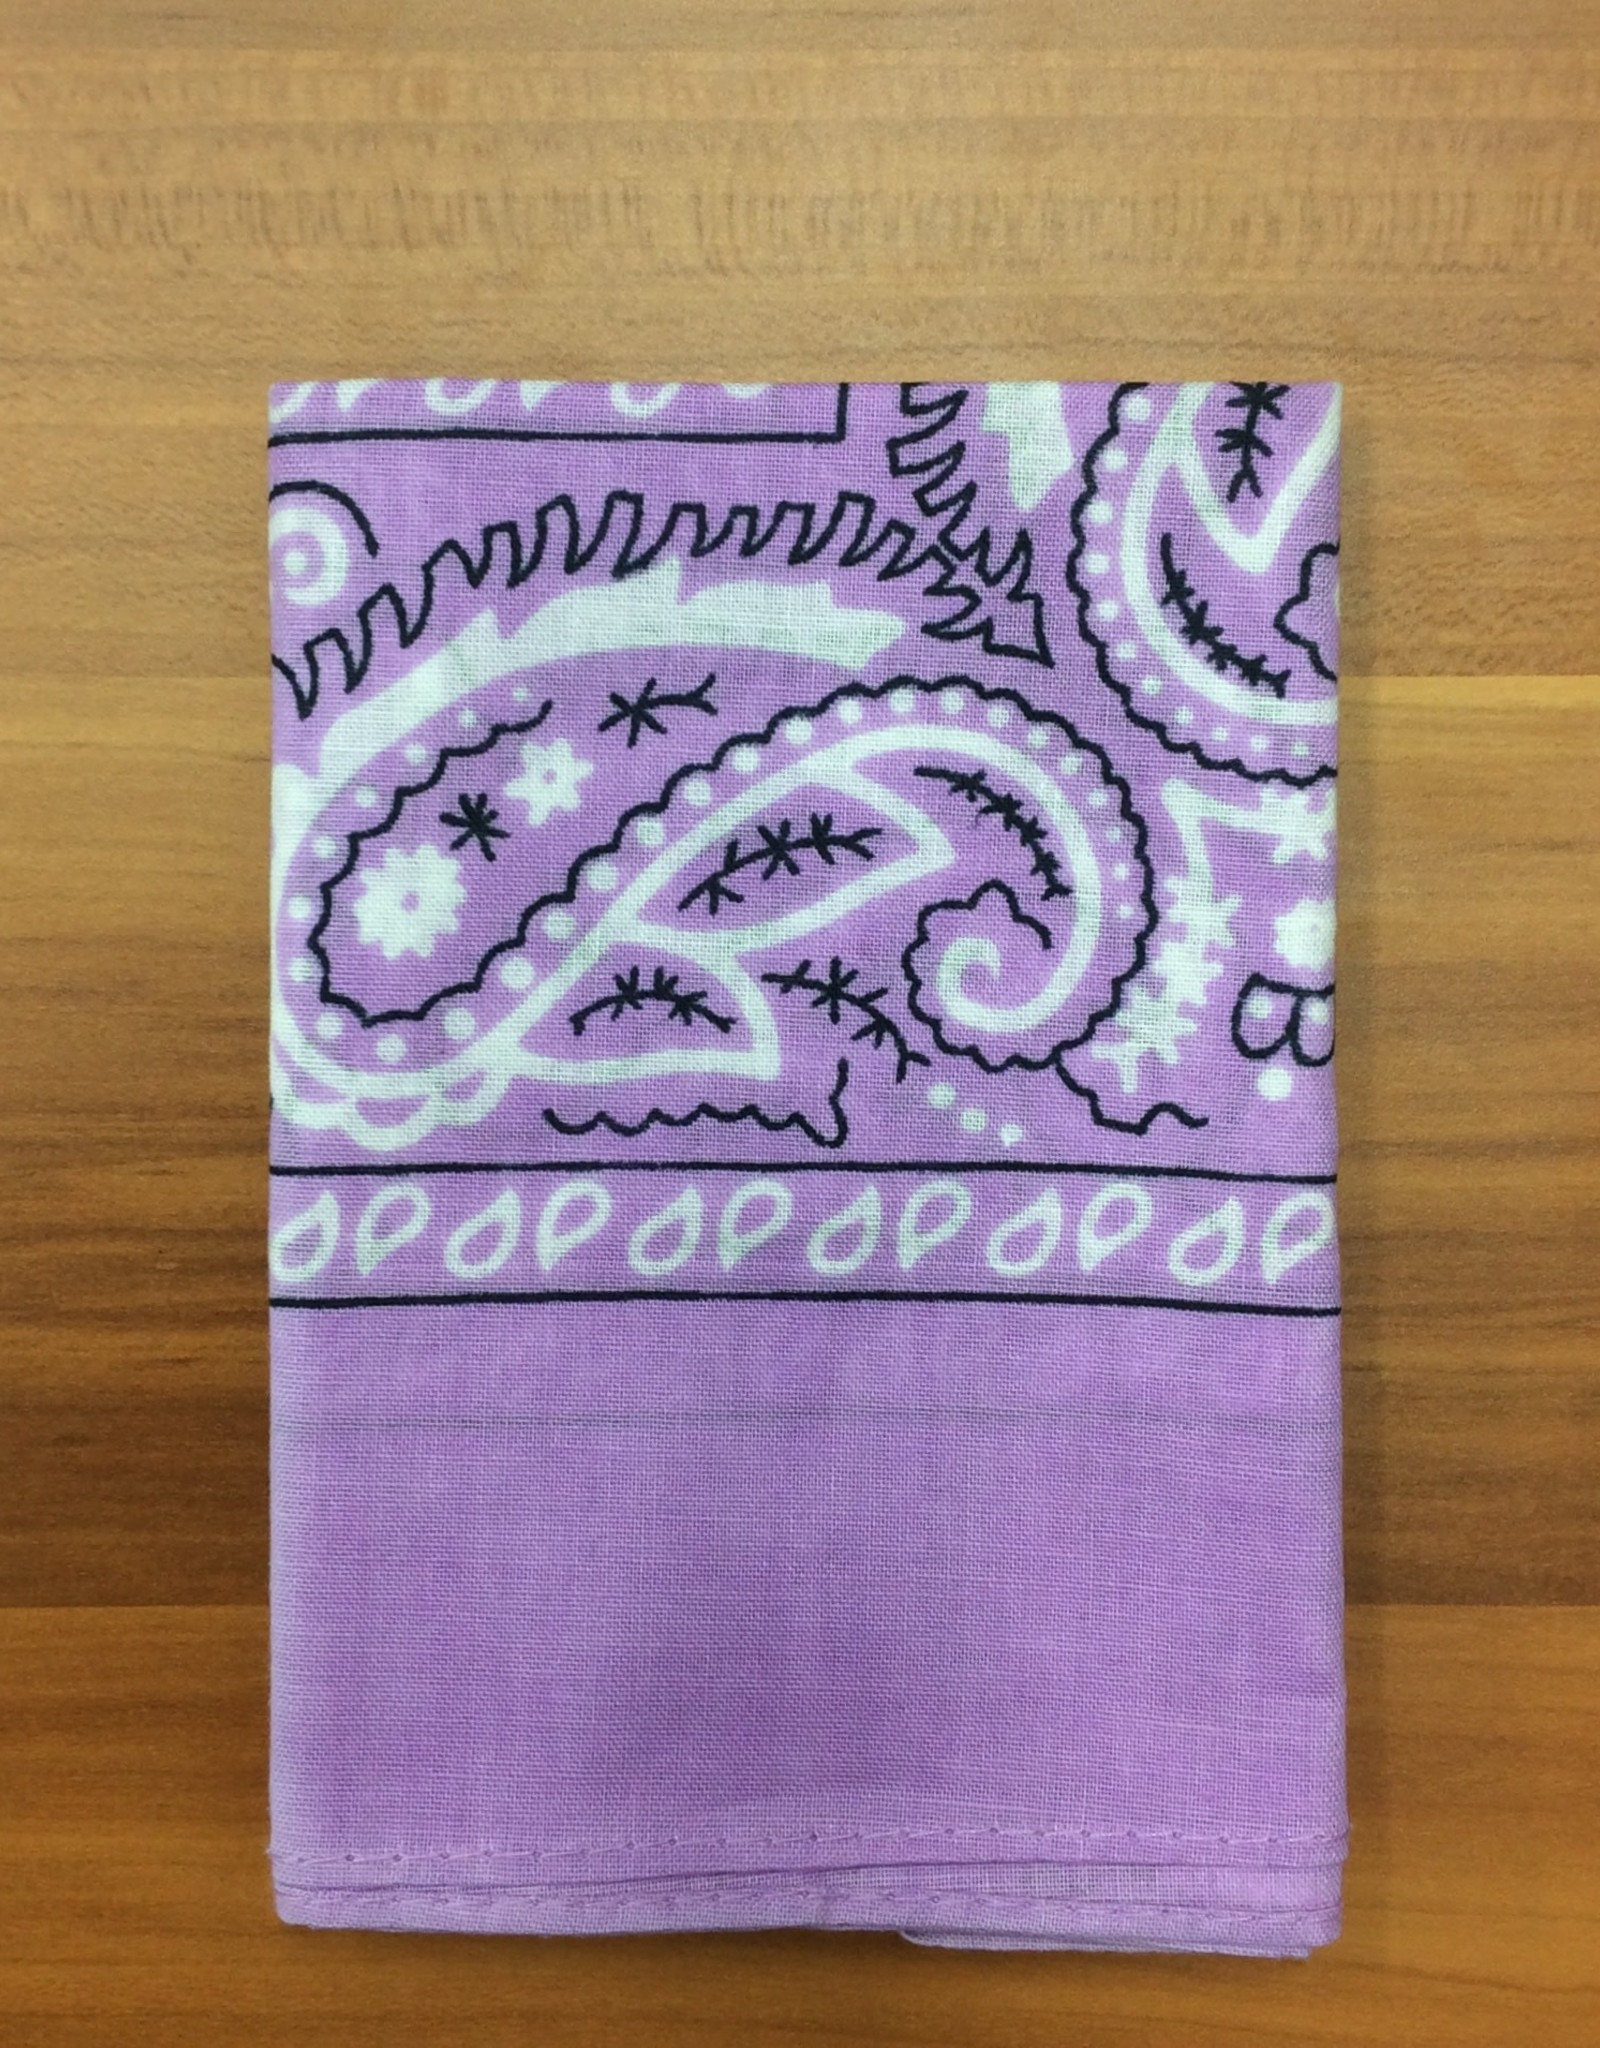 Bandana Paisley Patterned Lilac